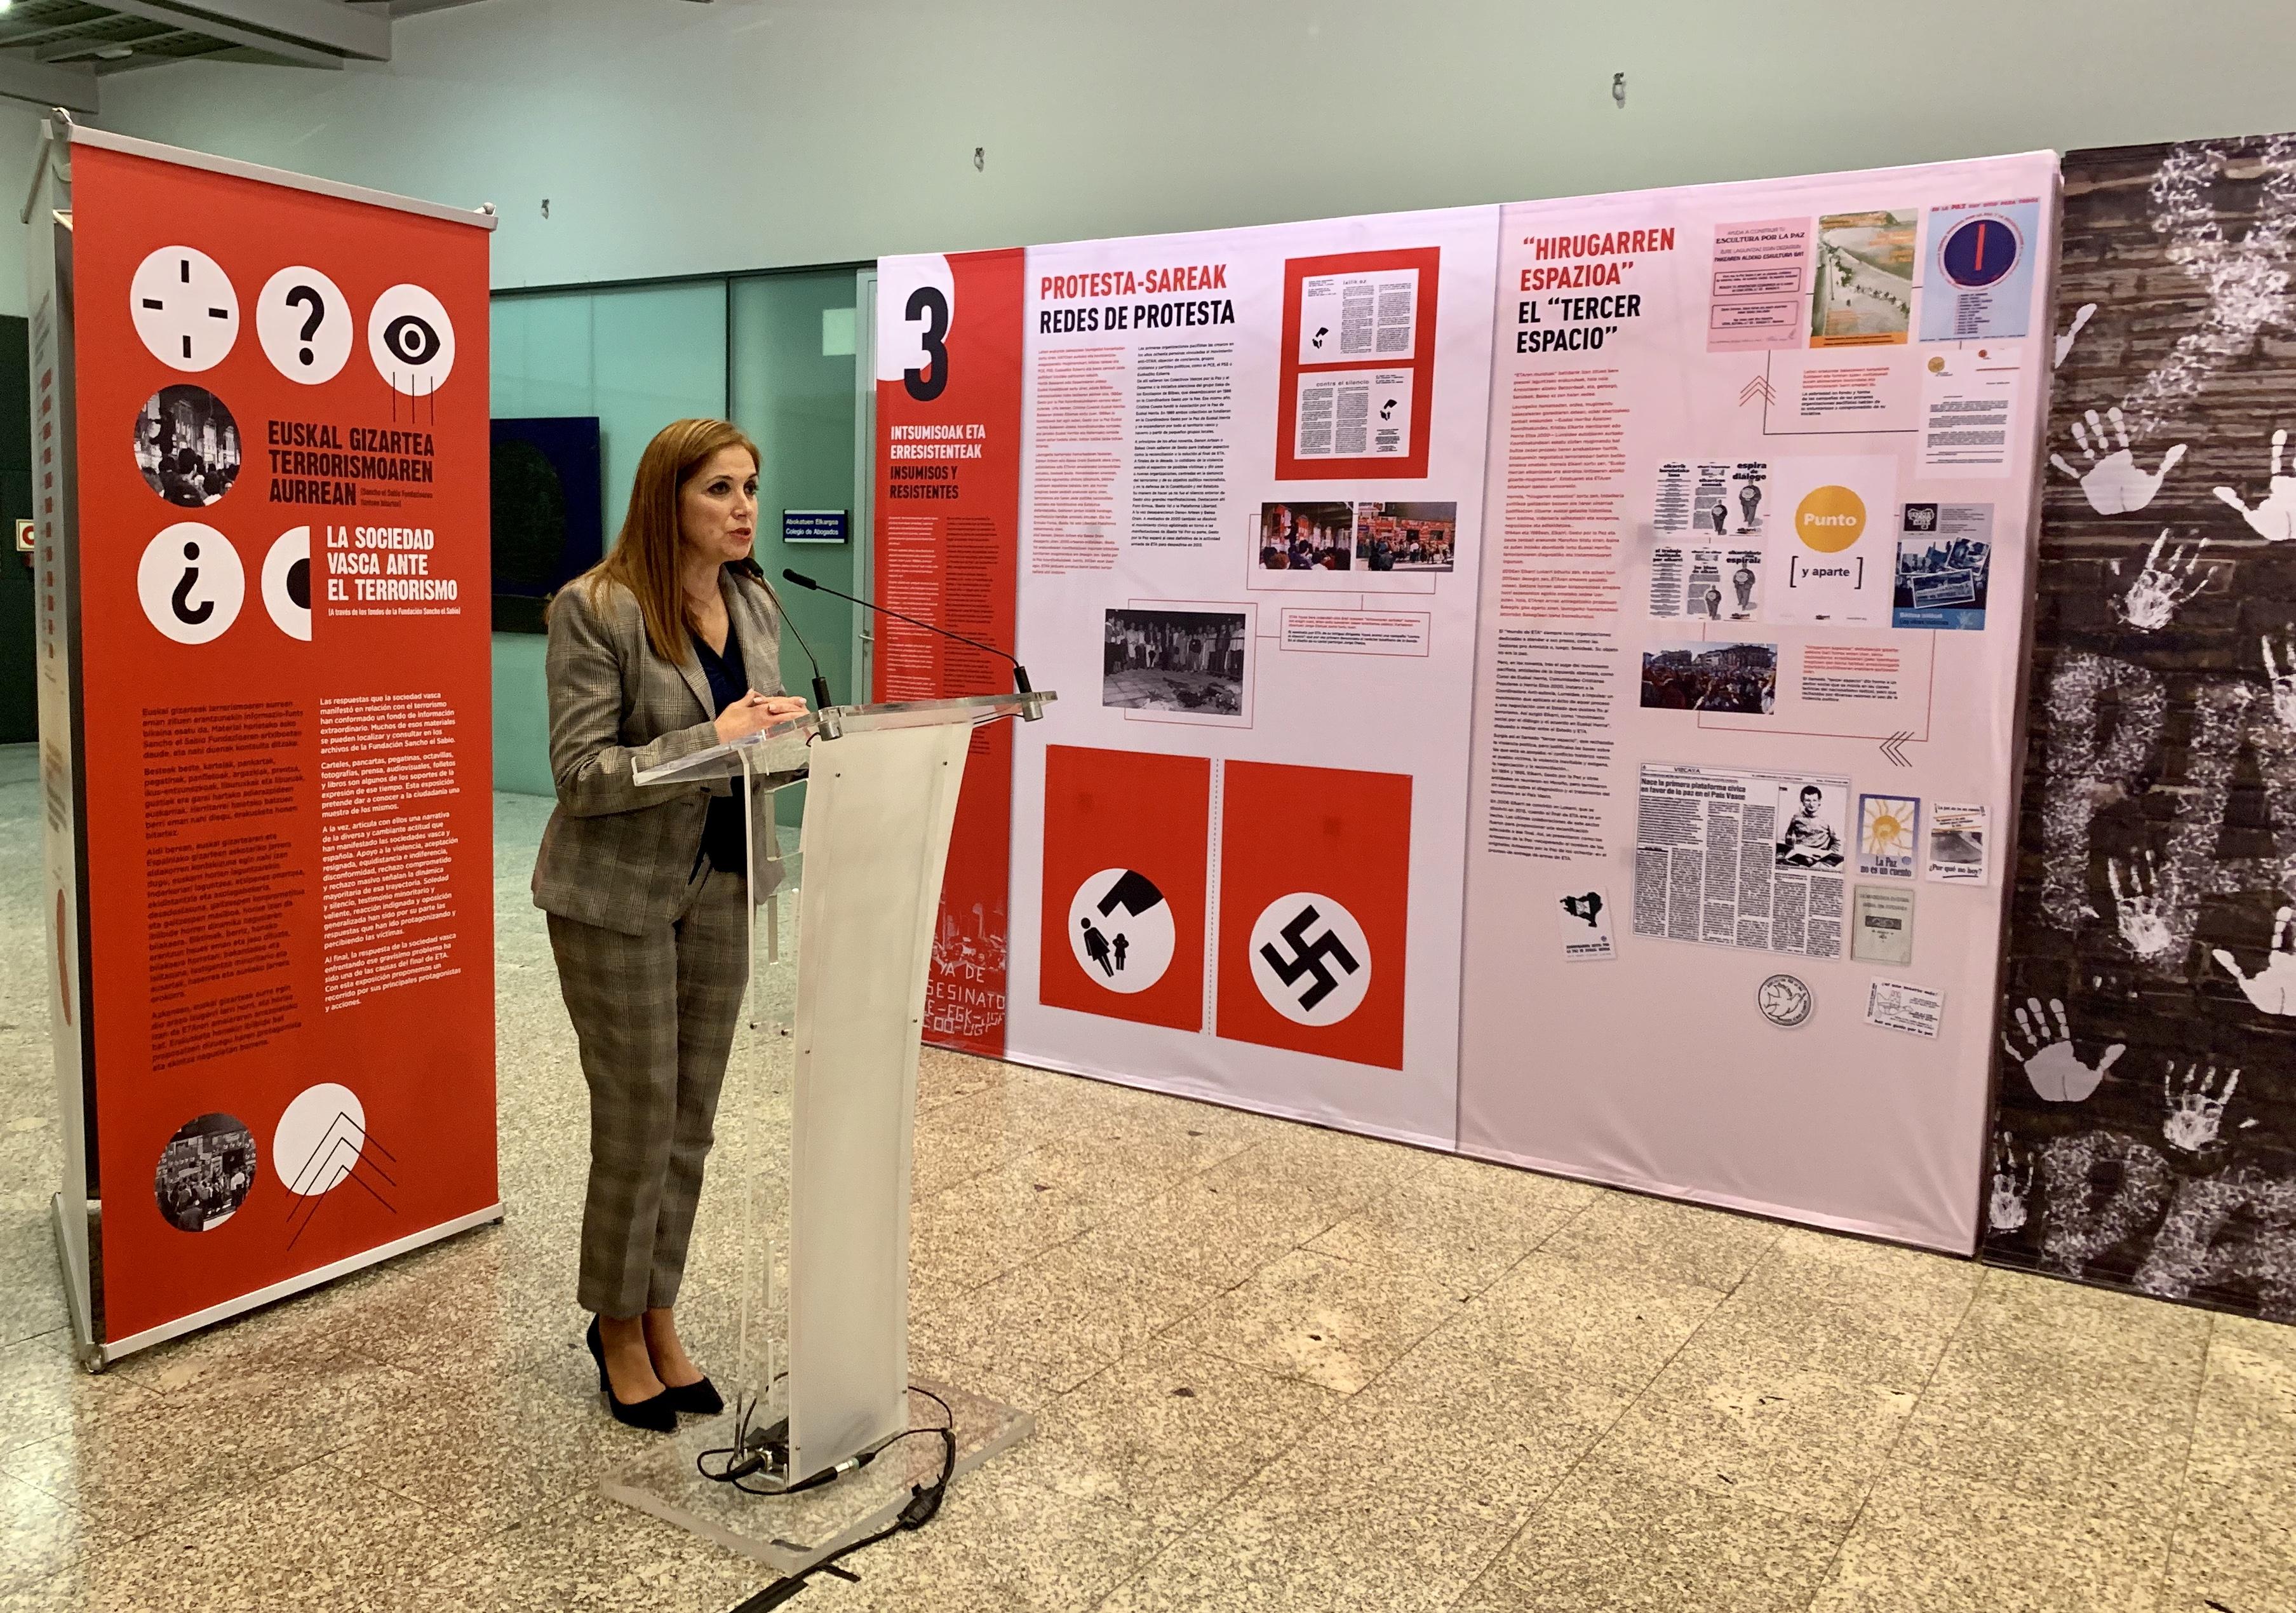 """La  exposición """"La sociedad vasca ante el terrorismo"""" estará en el Palacio de Justicia de Donostia hasta el 27 de diciembre"""